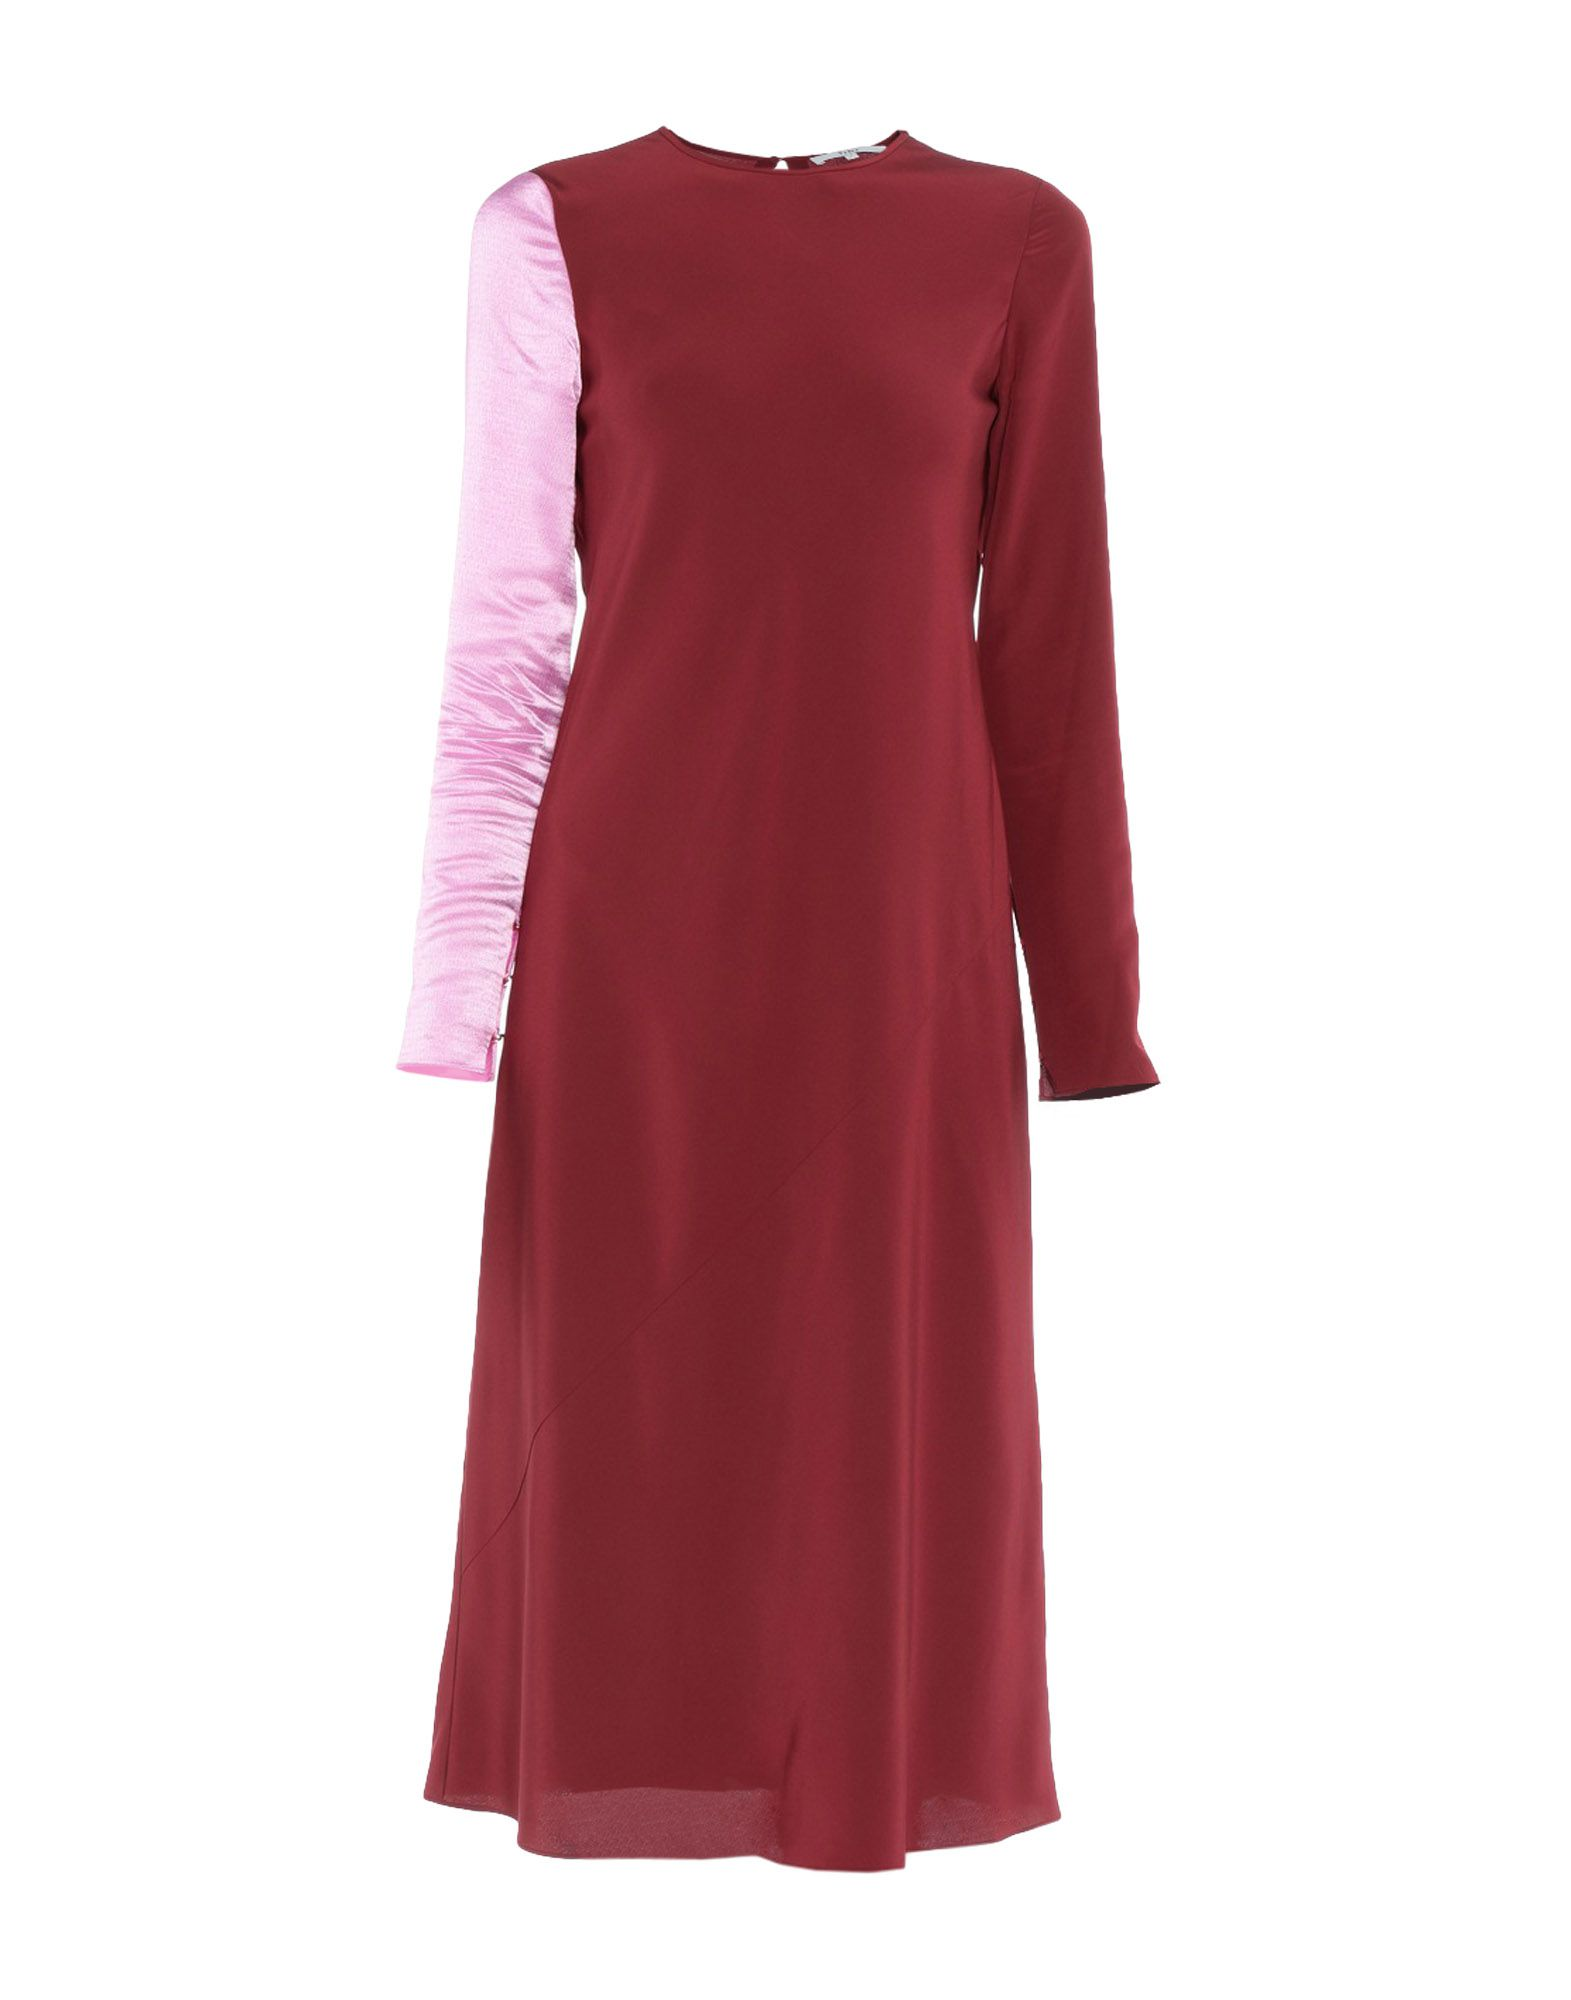 Фото - TIBI Платье длиной 3/4 tibi длинное платье